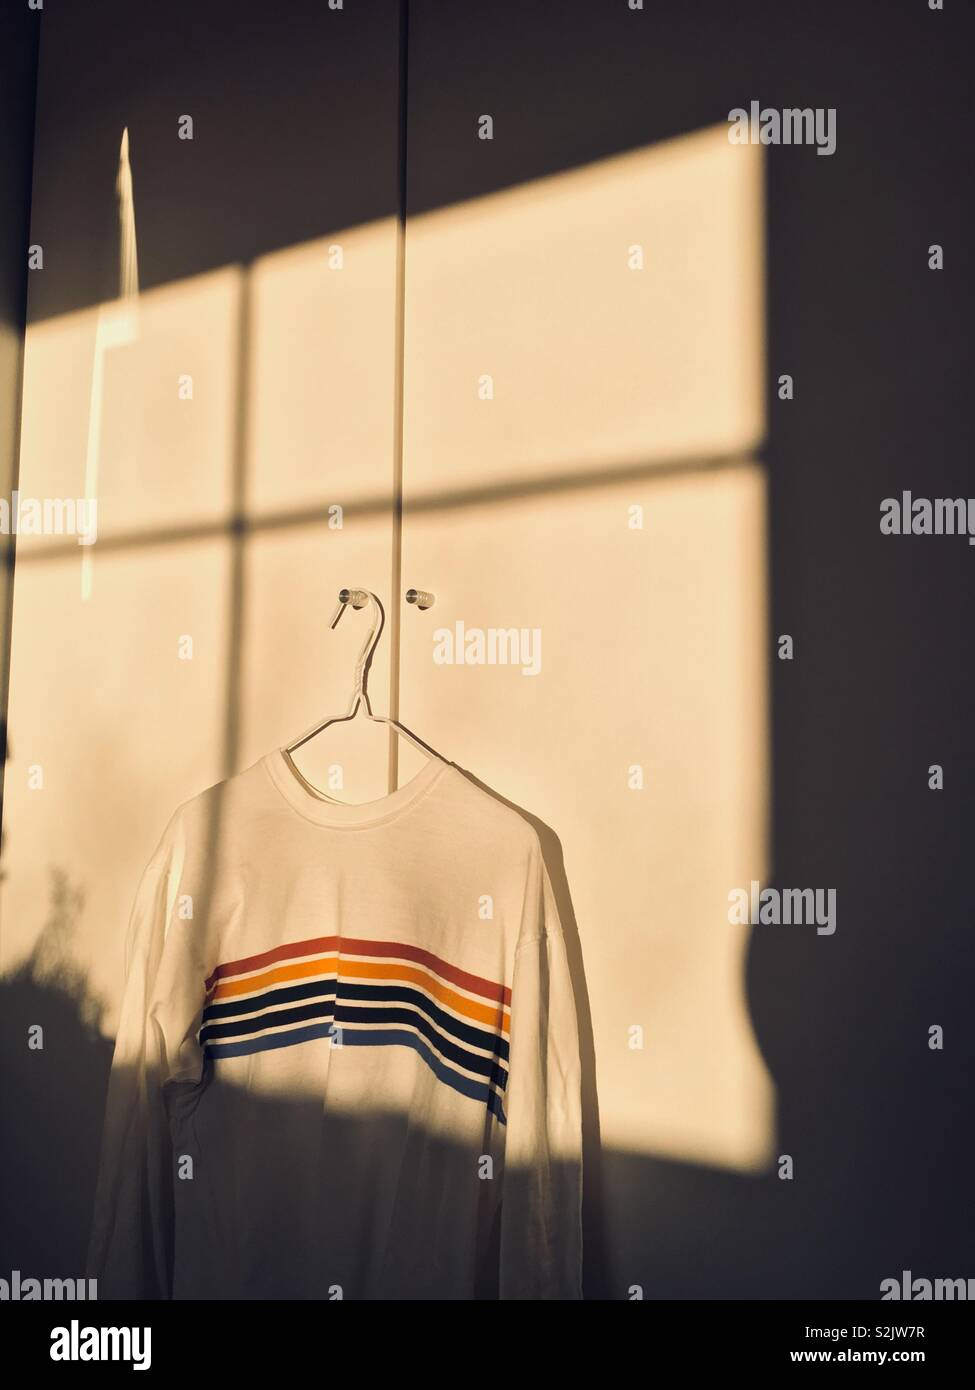 Rainbow sweater colgado en una pared blanca en interiores con luz solar Foto de stock